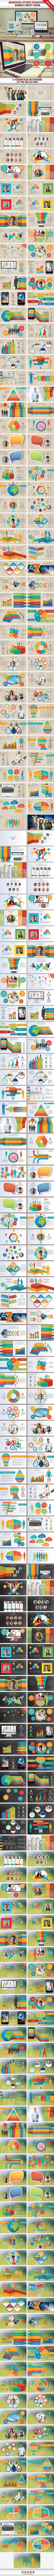 Infographic Keynote Presentation Update V.1 - Keynote Templates Presentation Templates